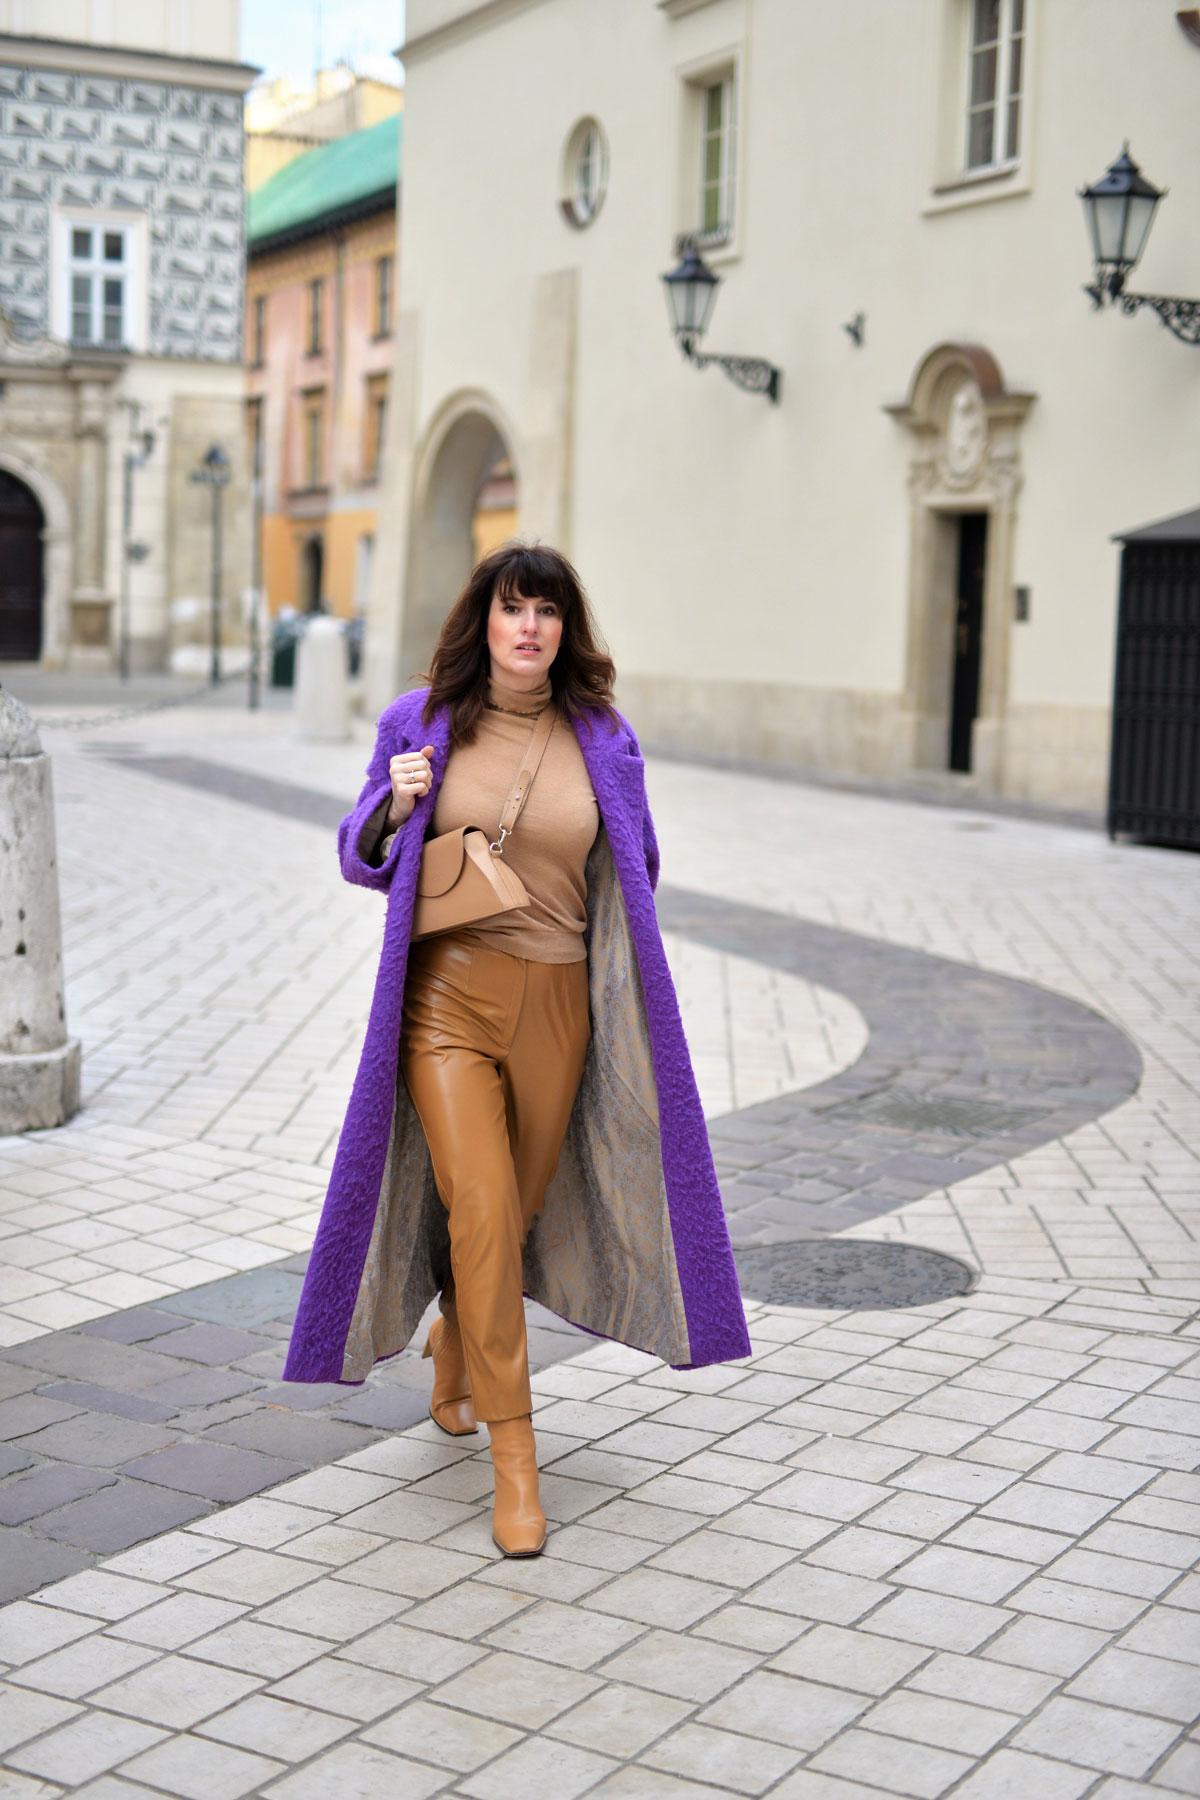 fioletowy-płaszcz-5